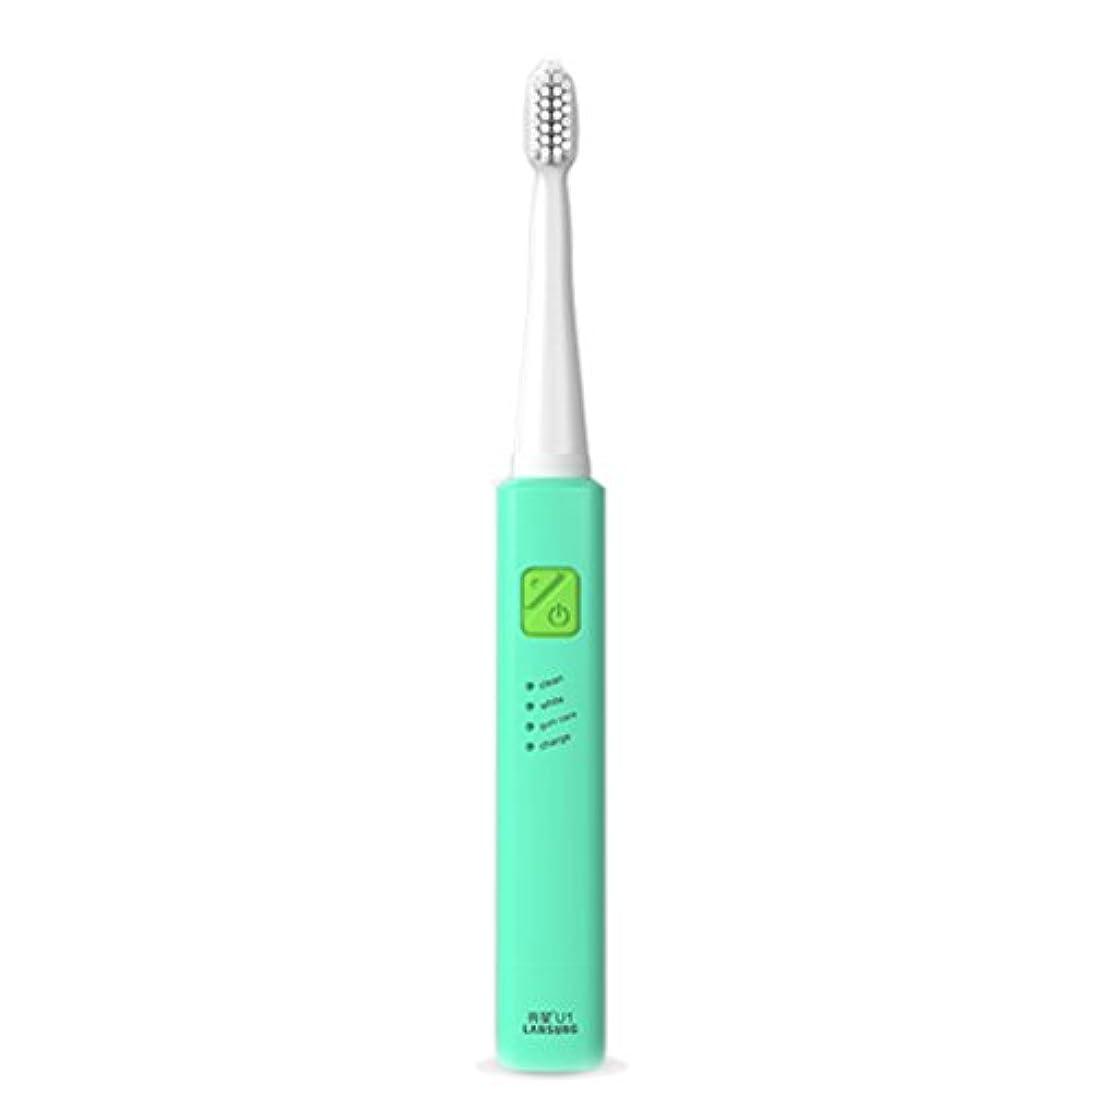 負荷偶然塩電子歯ブラシ 超音波ロータリー ノンスリップ防水歯ブラシ 歯科口腔衛生